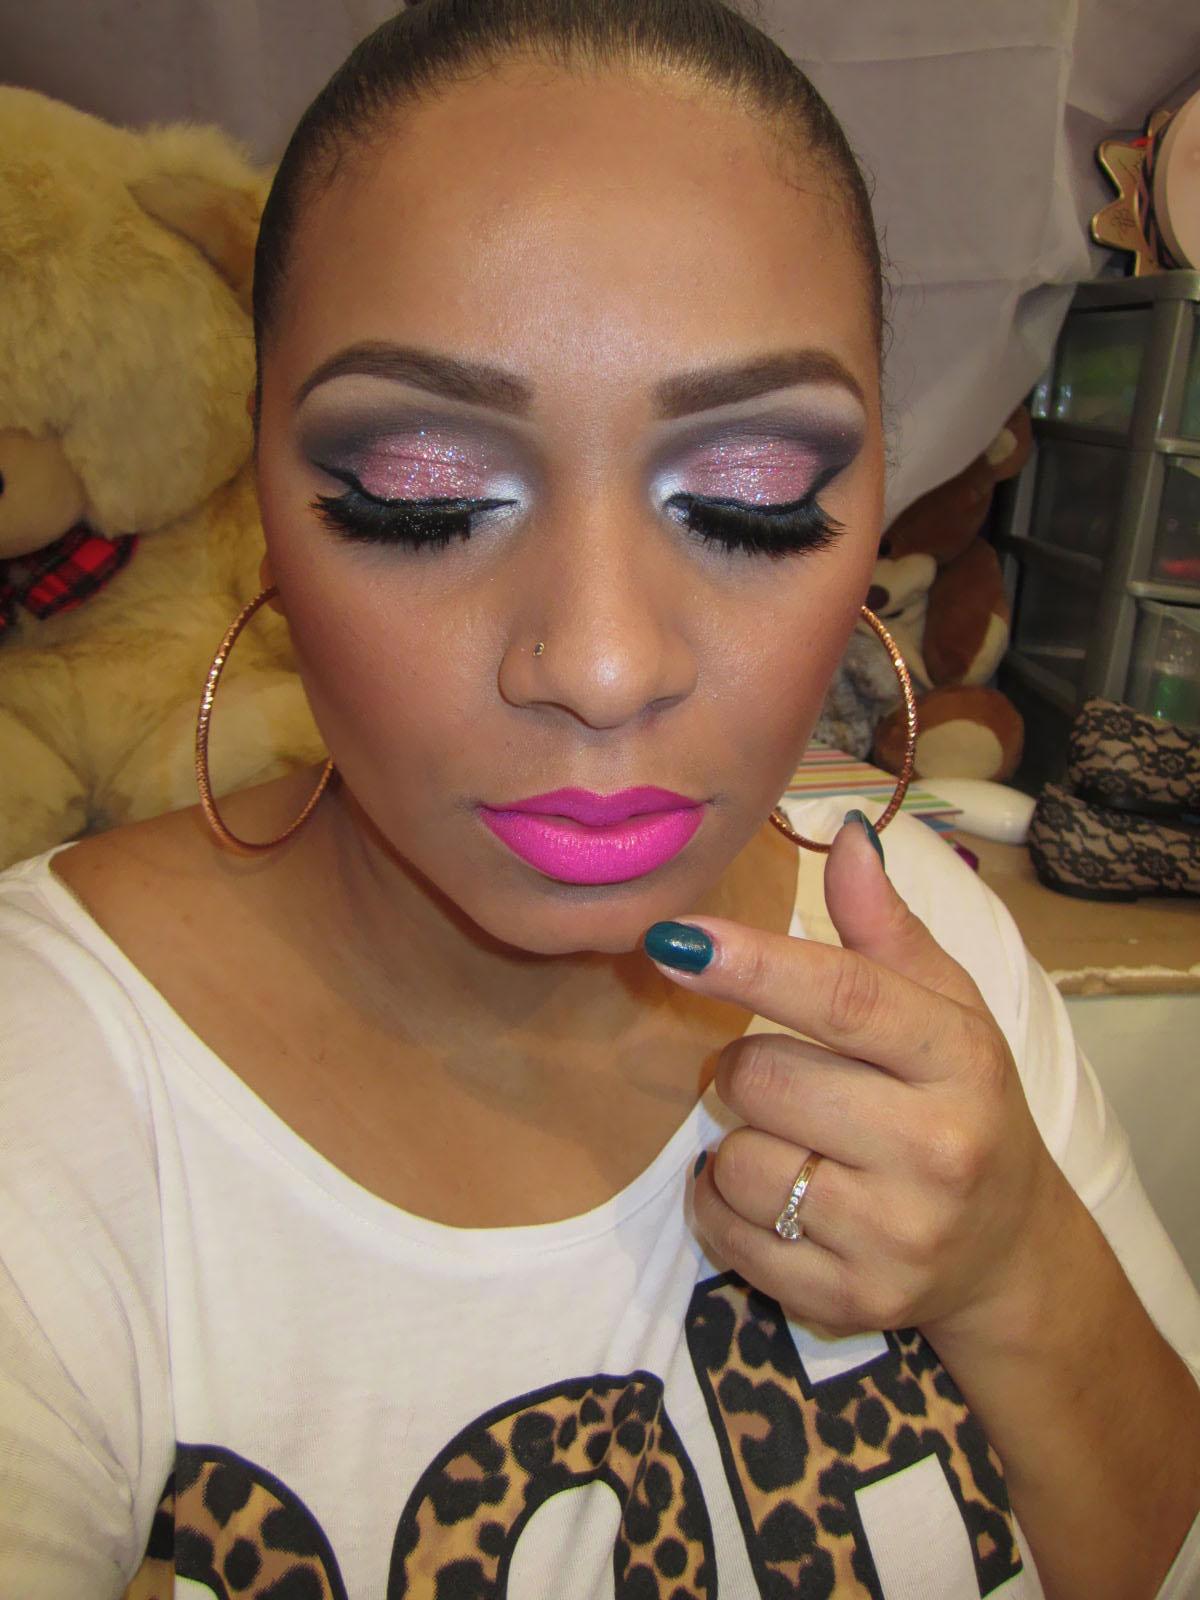 VAIDOSA VICIADA: New year's makeup look ft. Mac candy yum